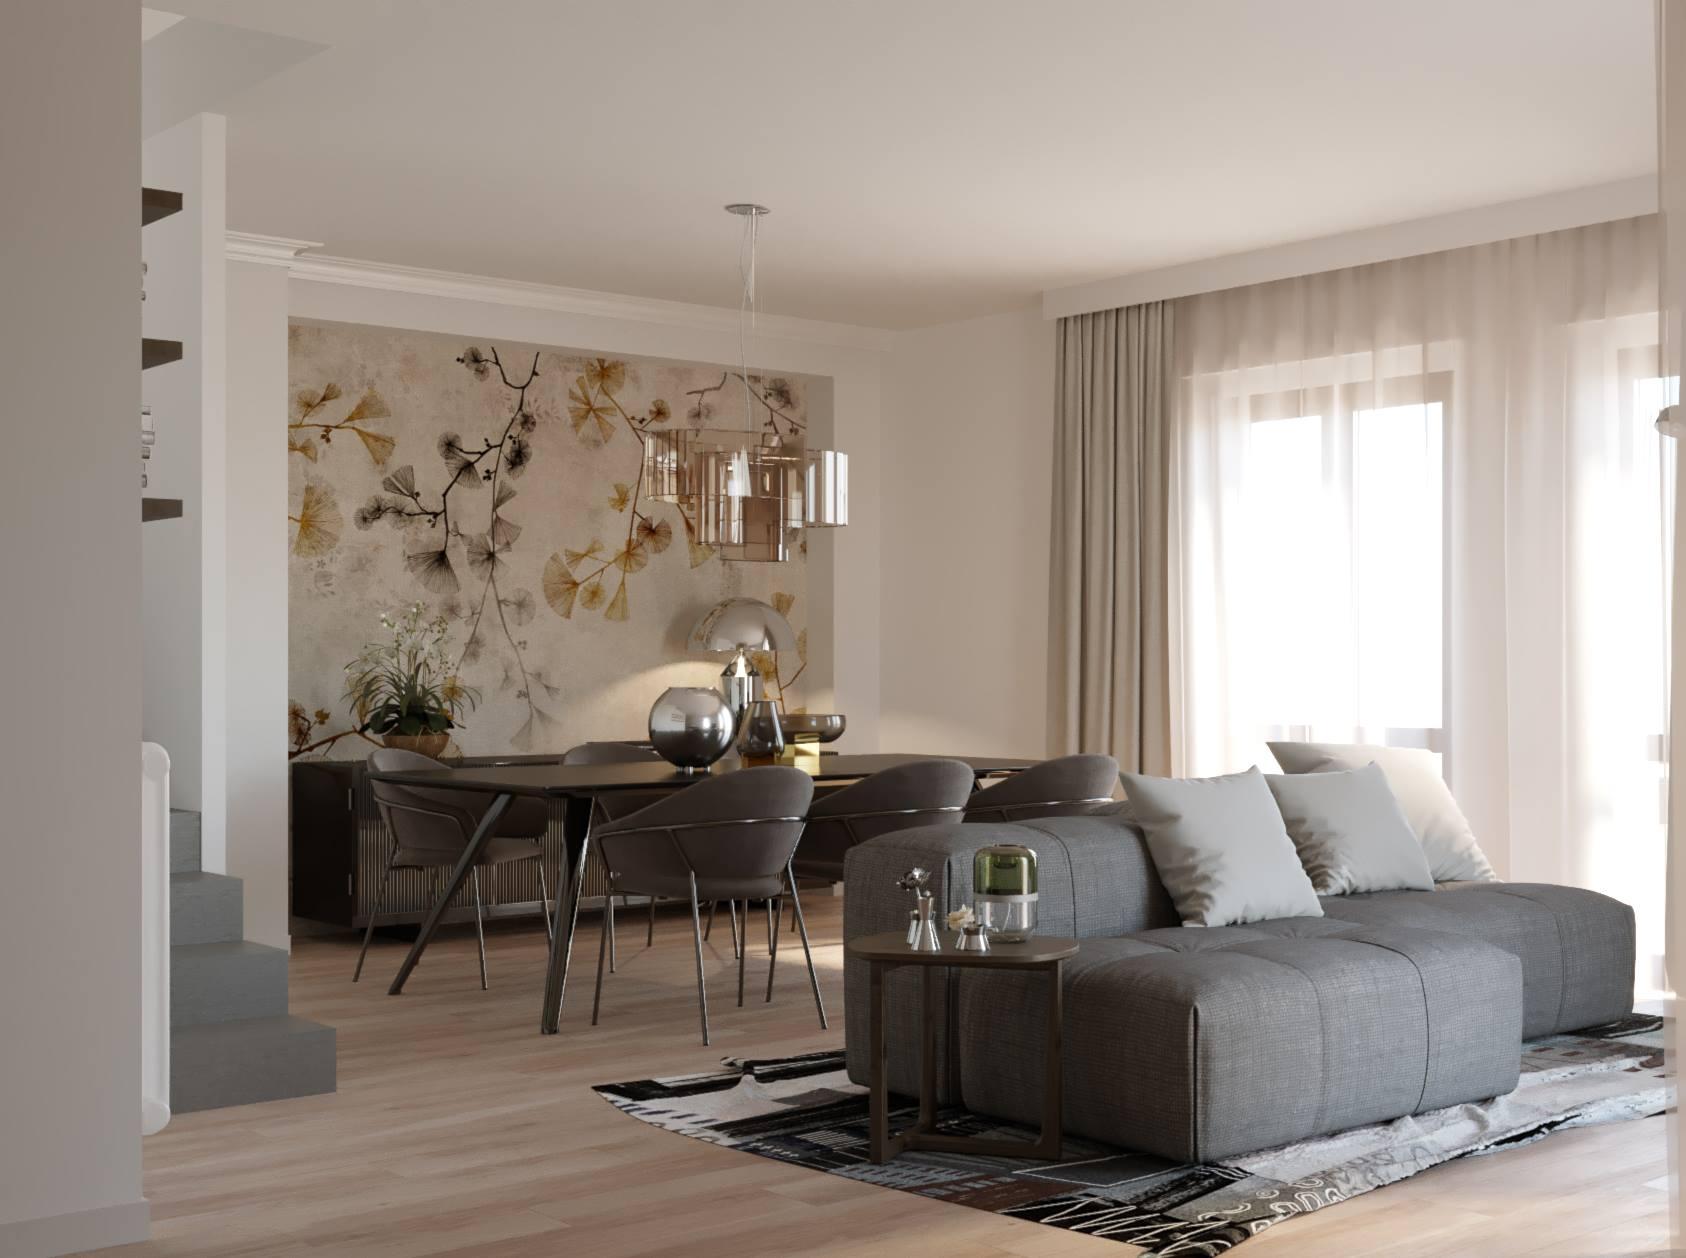 Gaia miacola architetto e interior designer for Design d interni